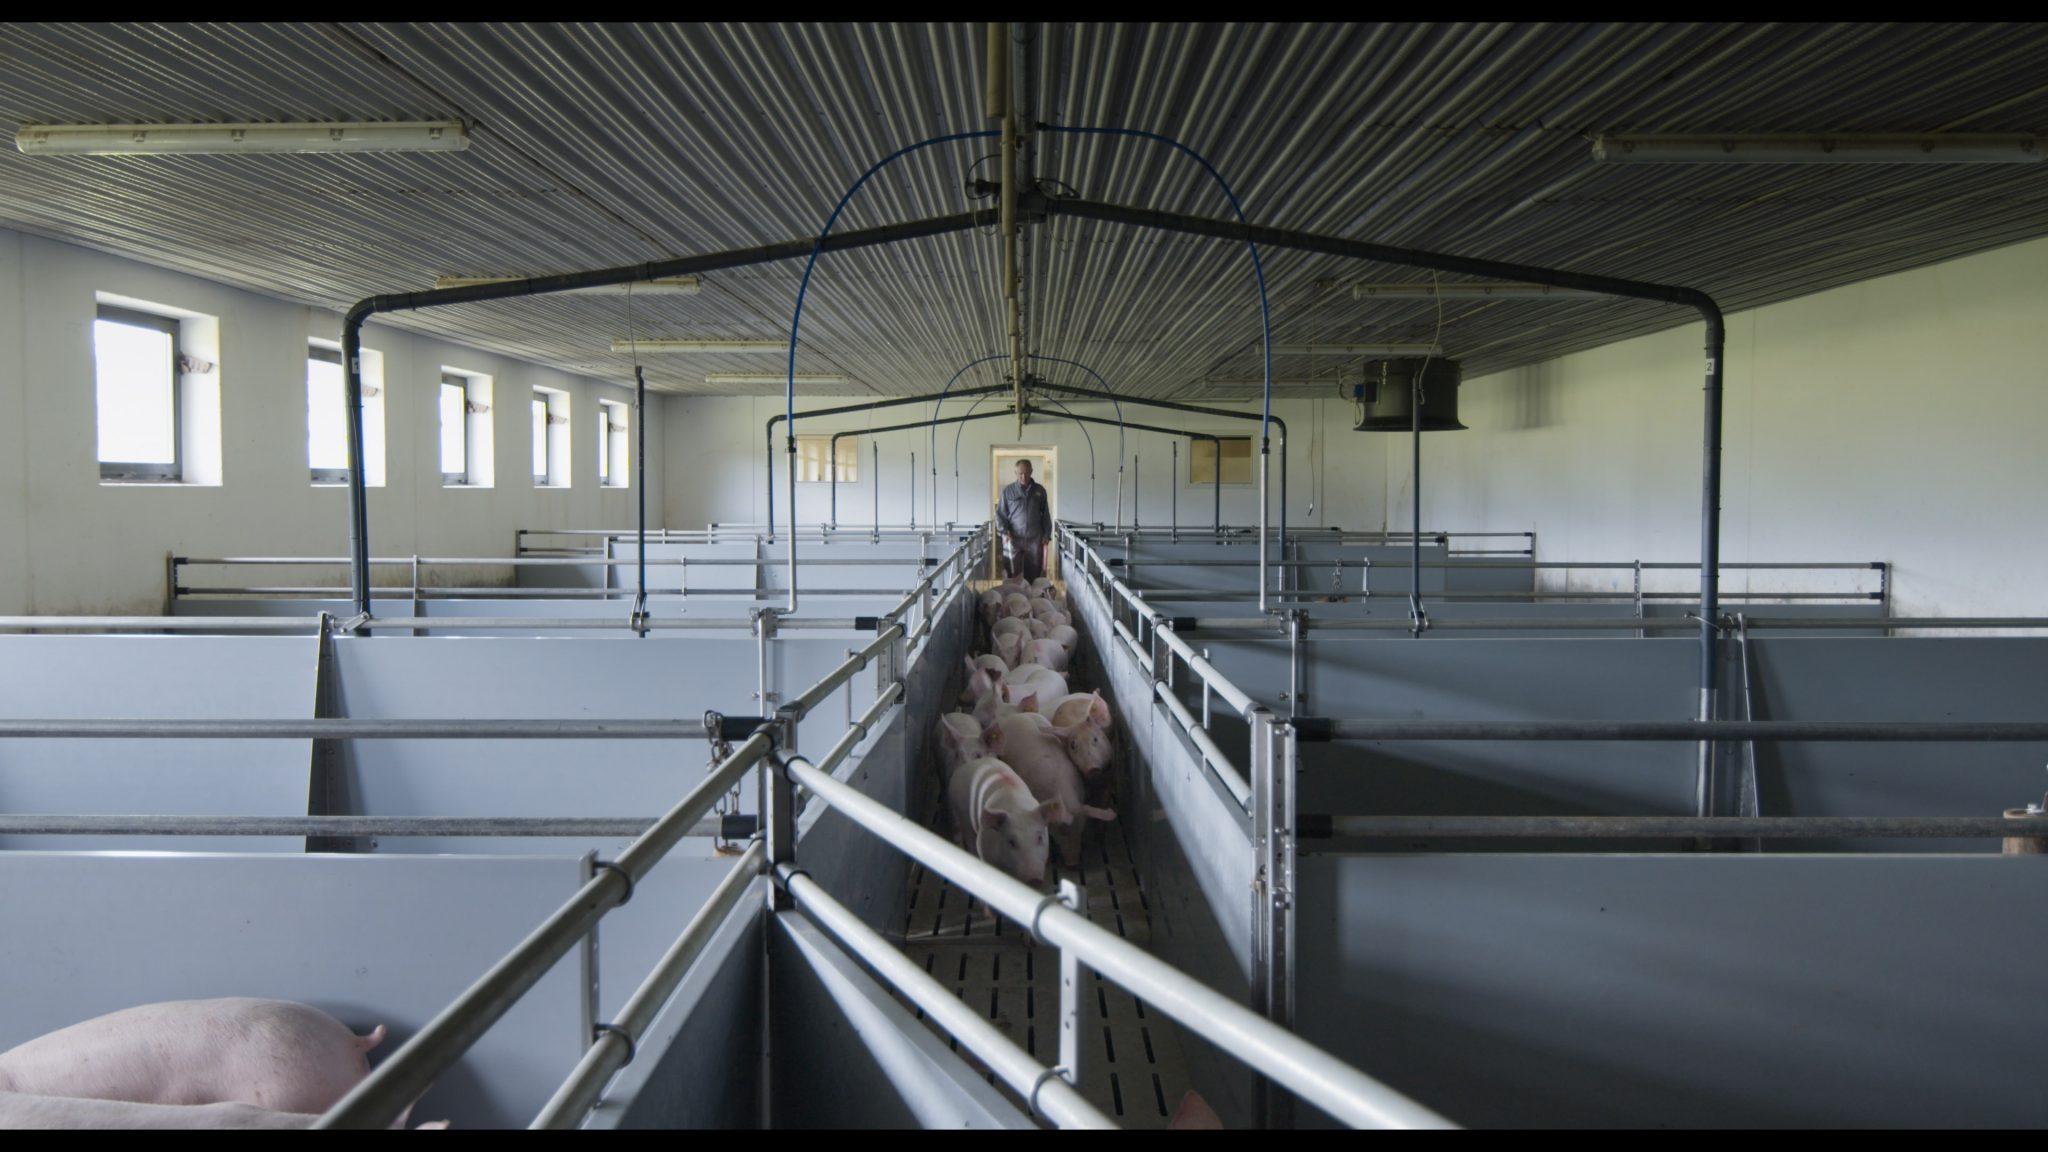 Hochspezialisiert auf Schweinemast: Bauer Martin Suette treibt die nächste Schweinegeneration in den Stall. Gewichtszunahme und Futtermengen sind genauestens geplant. (Foto: Allegro Film)